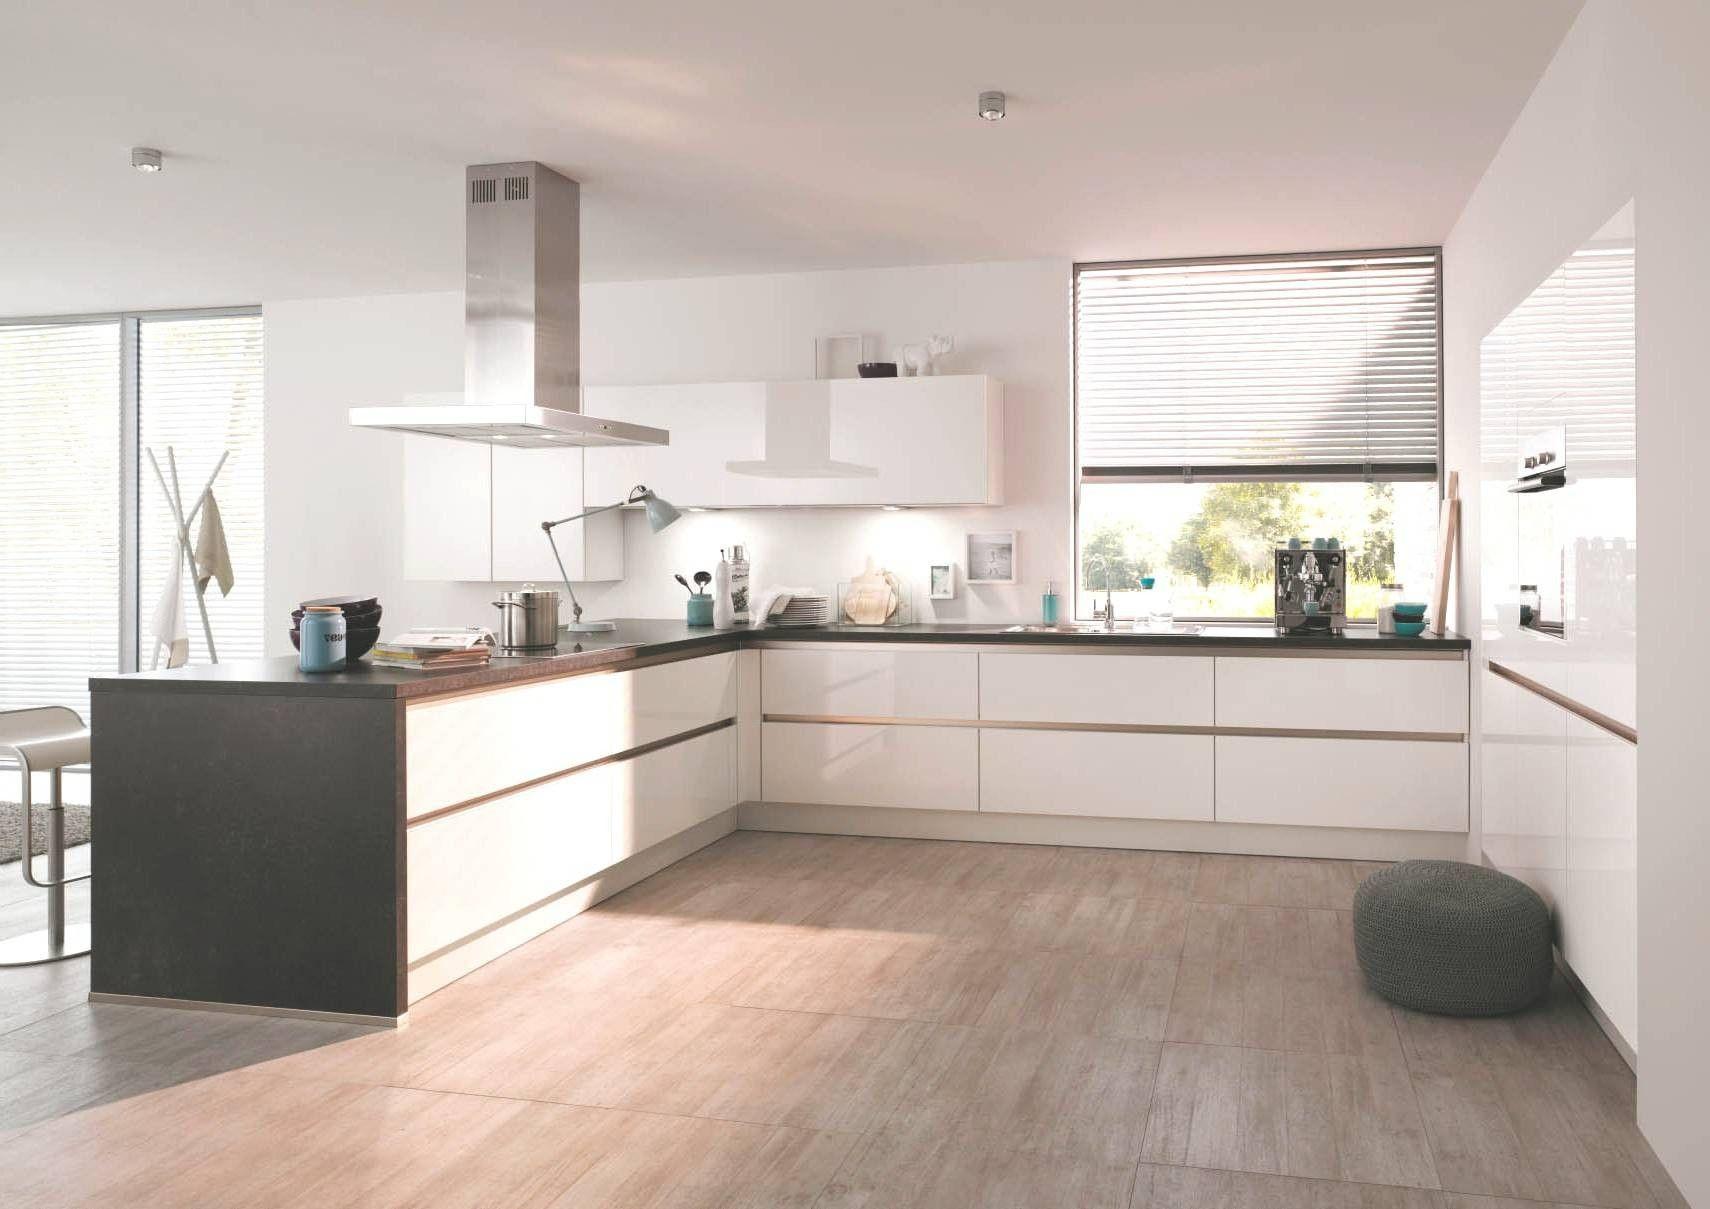 48 Neu Arbeitsplatte Zu Grauer Kuche Kitchen Pinterest Kitchen